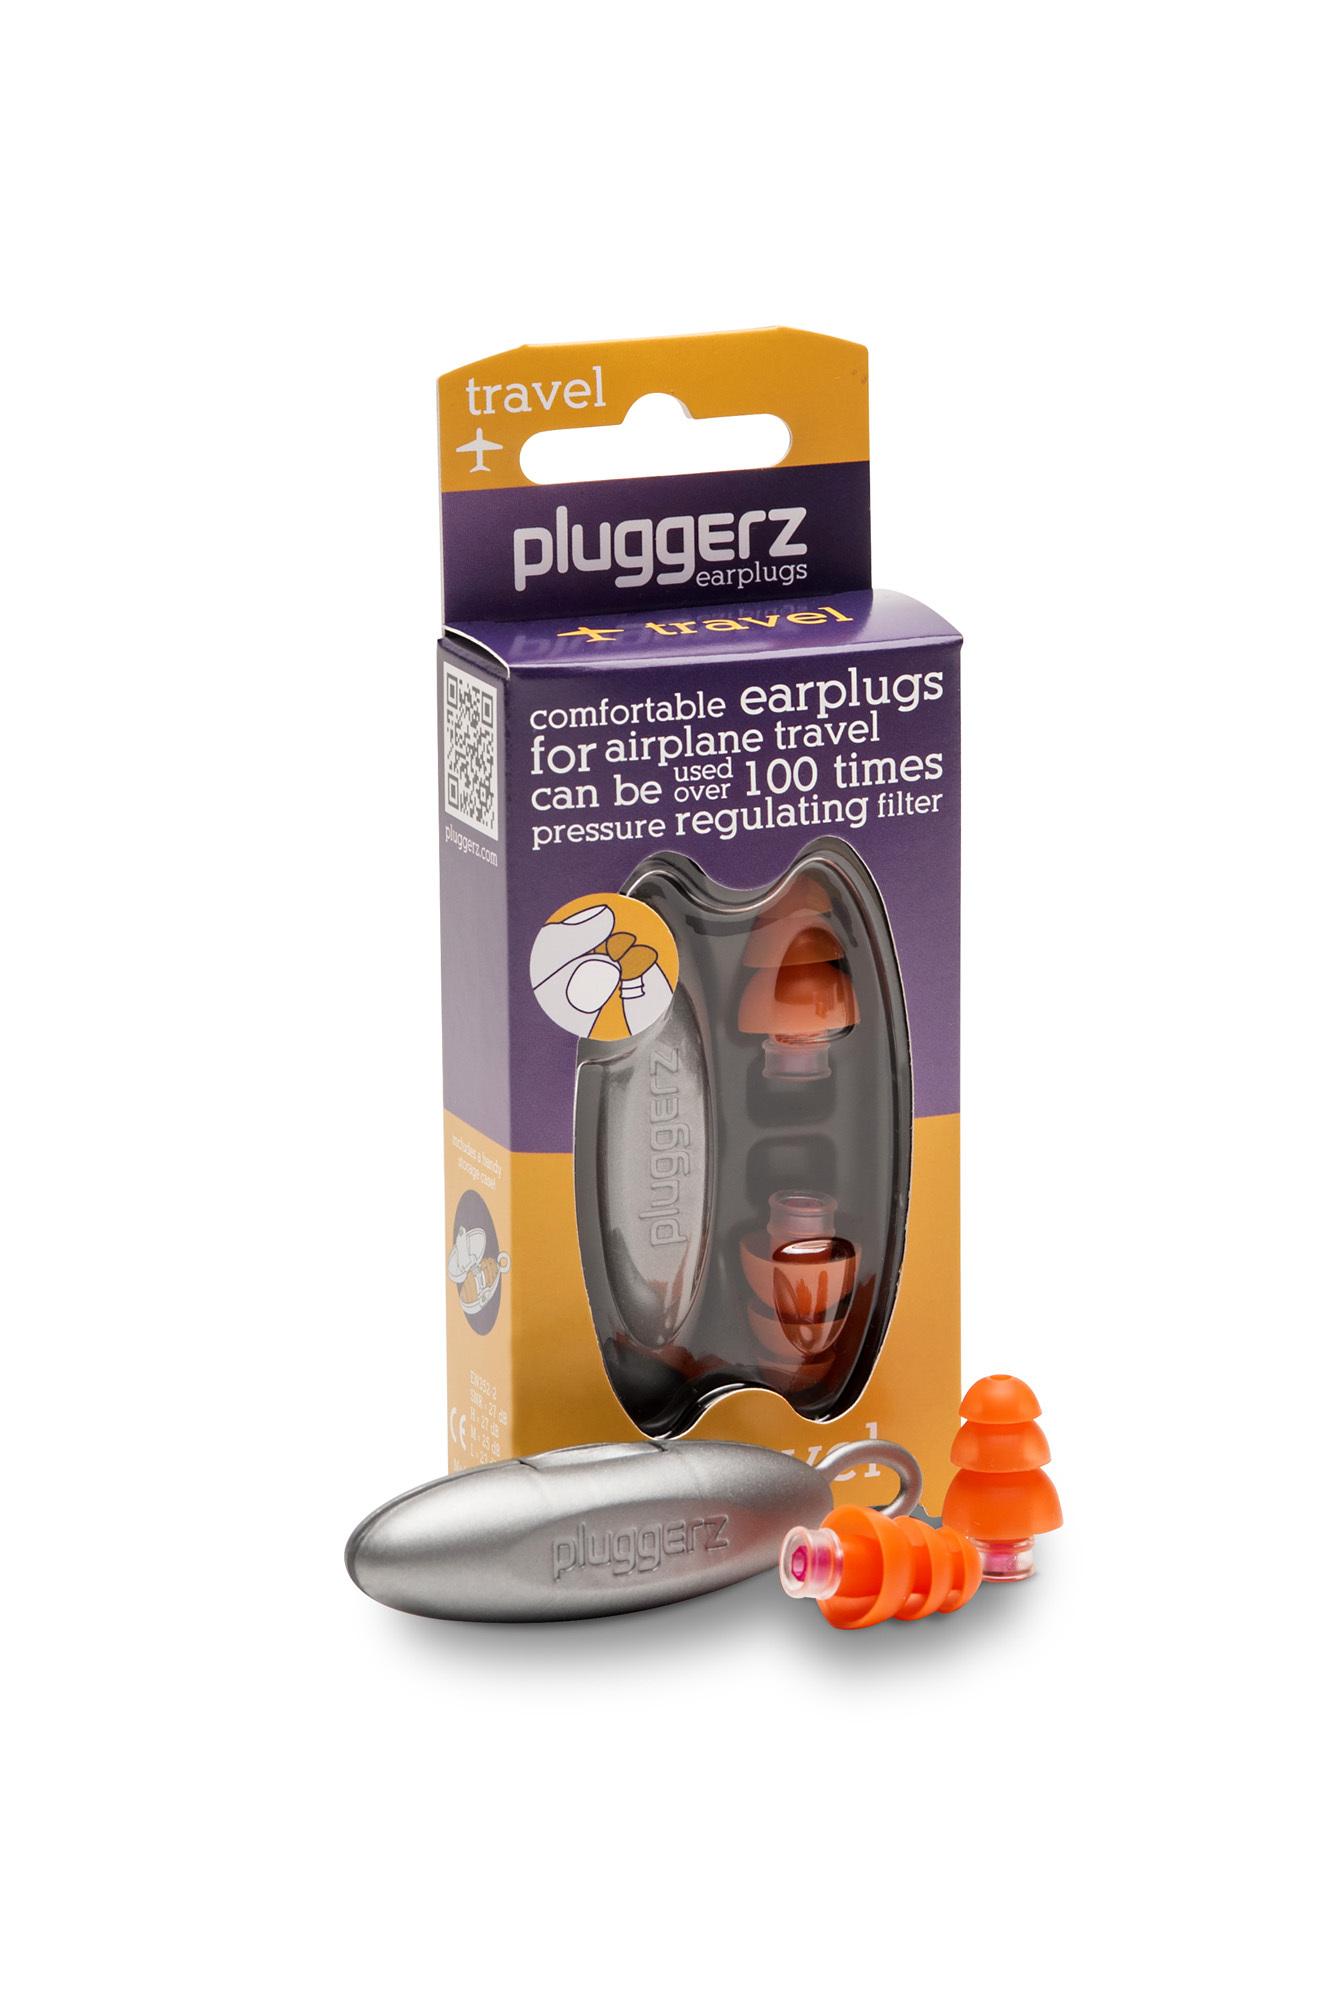 In-flight-gear-Pluggerz-ear-plugs.jpg?mtime=20190227152749#asset:105010